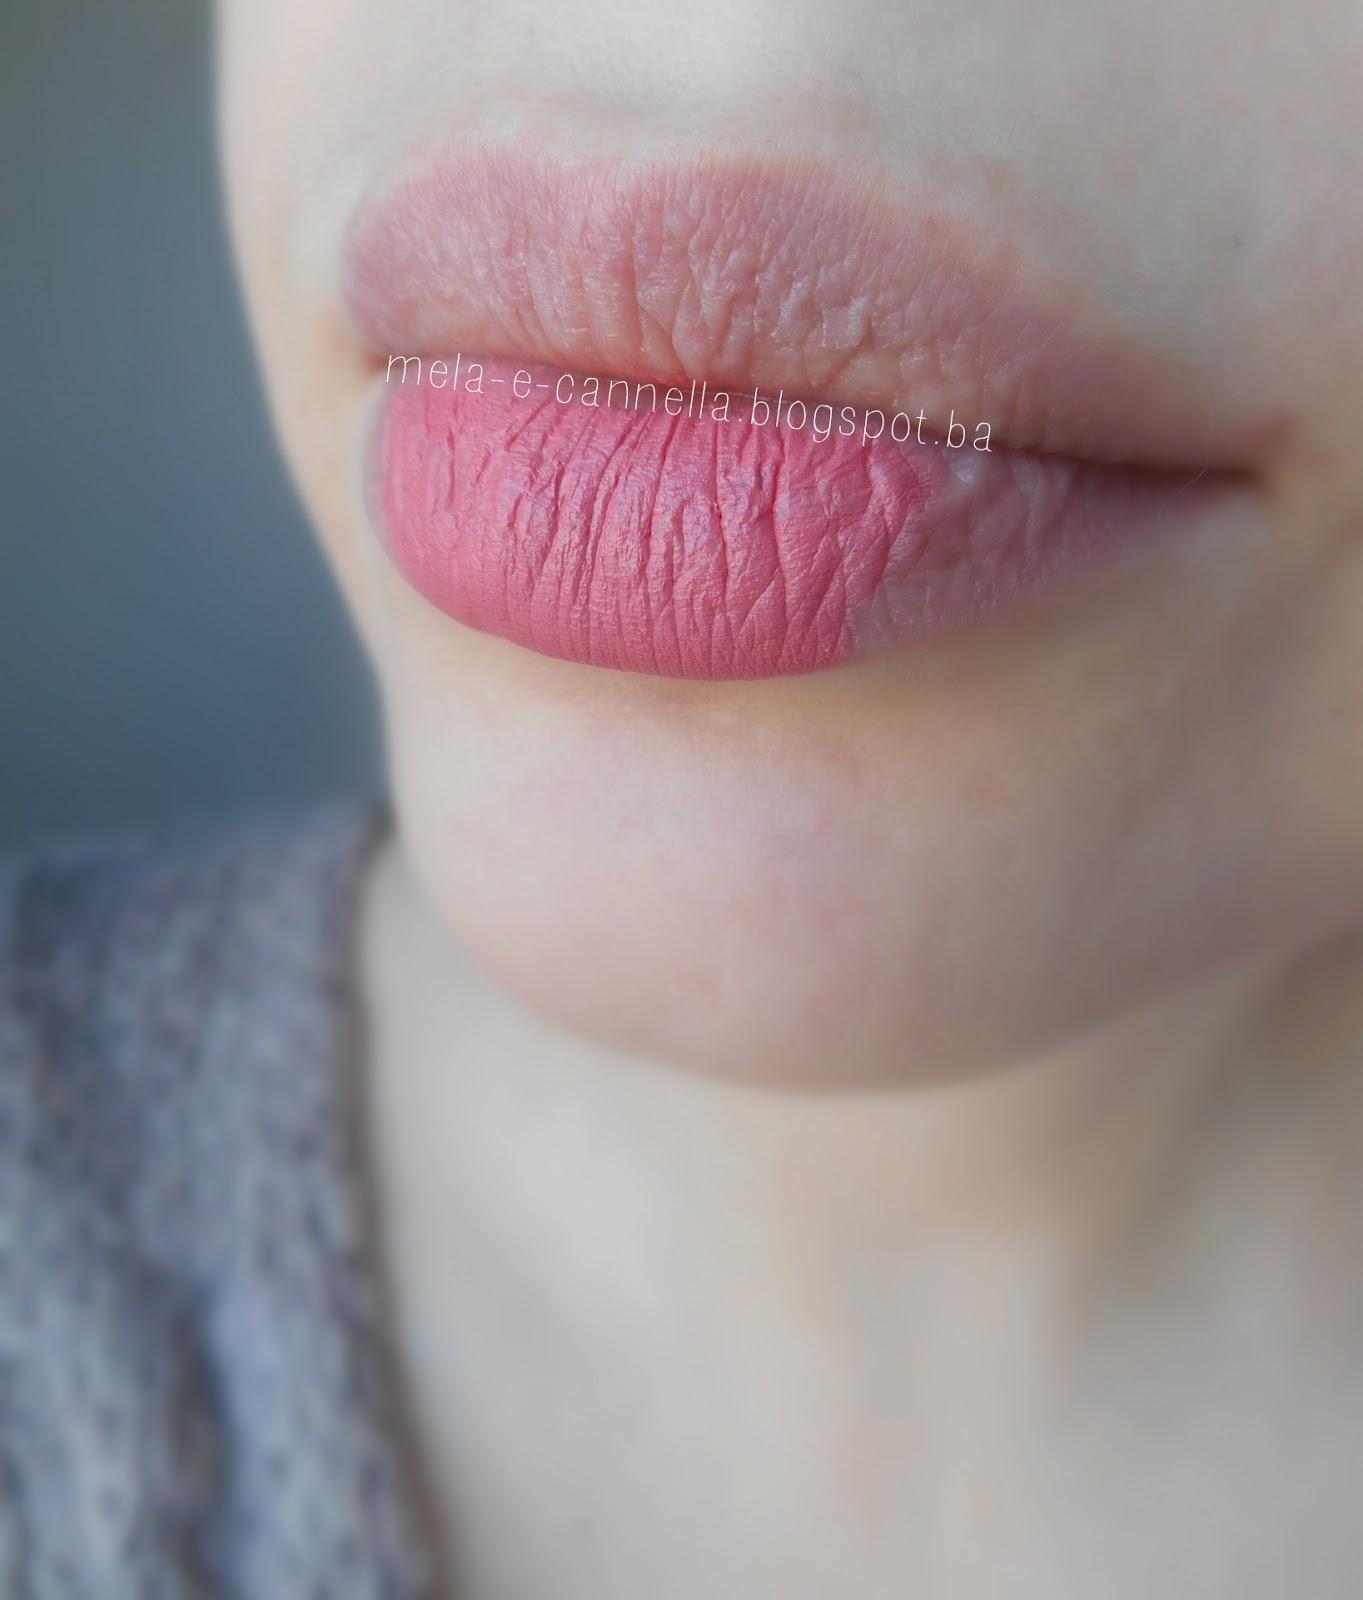 mela-e-cannella: Avon True Color Matte Lipstick